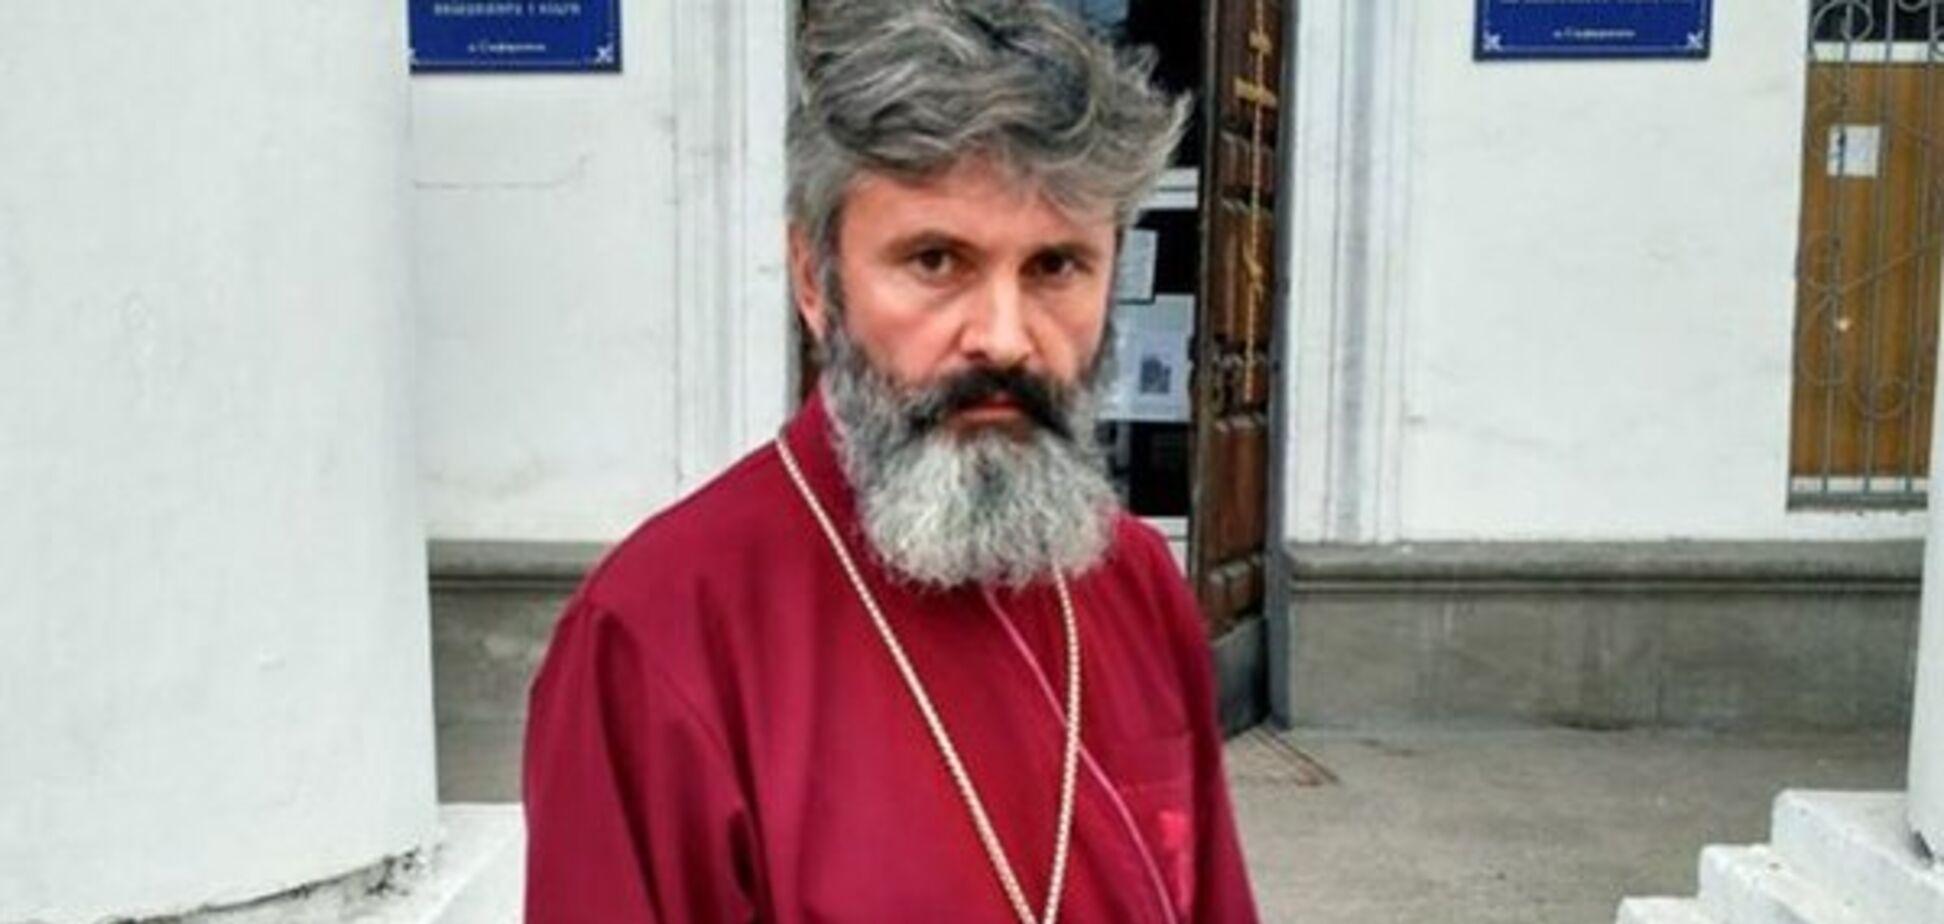 Касир комусь зателефонувала: архієпископ Климент вказав на дивні речі в його затриманні